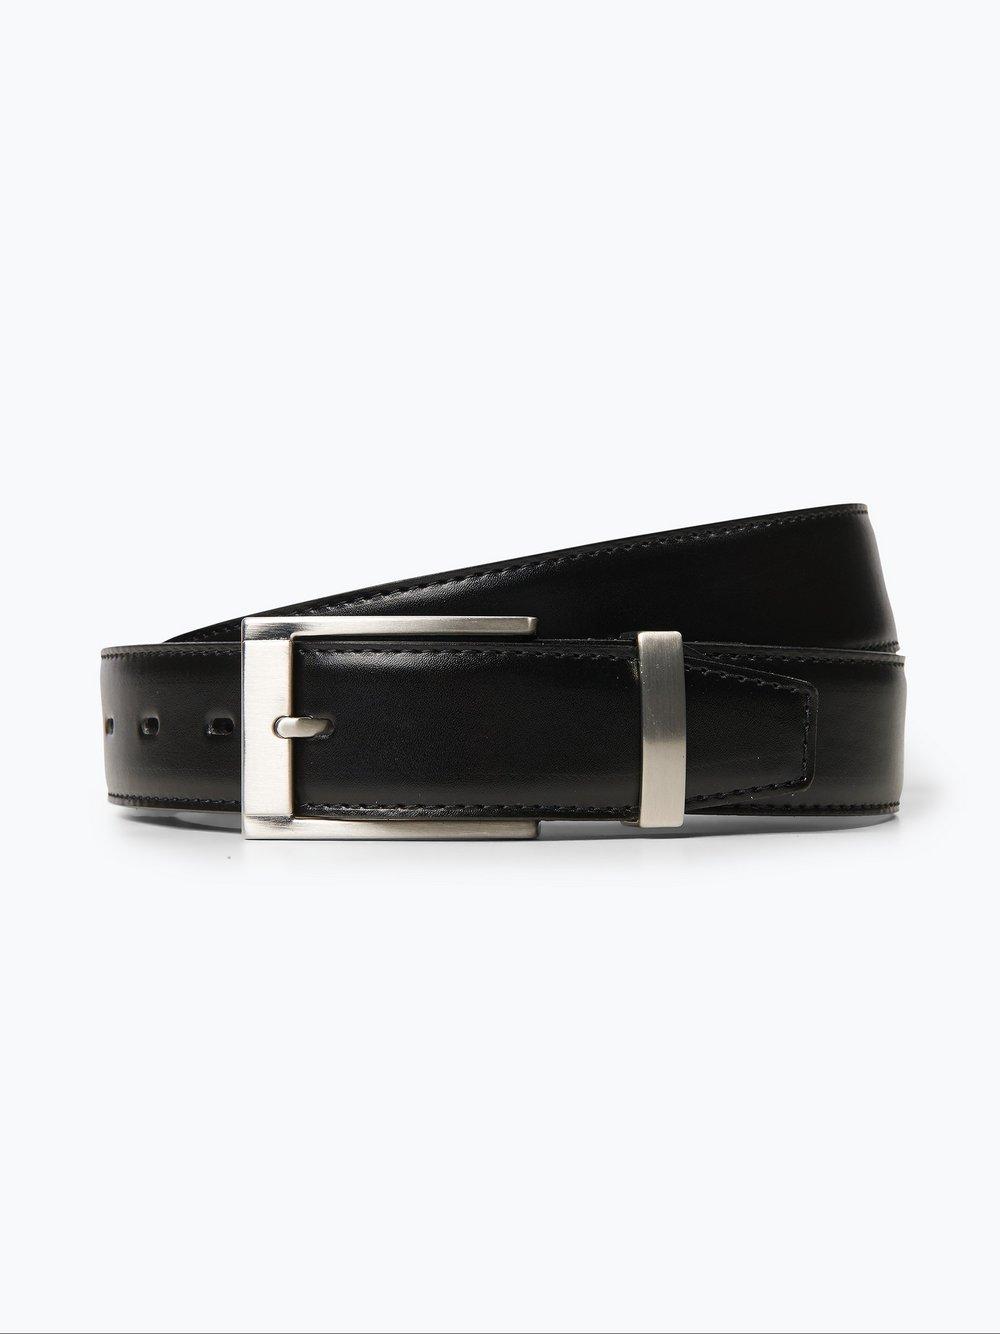 Van Graaf – Męski pasek skórzany, czarny Van Graaf 201259-0001